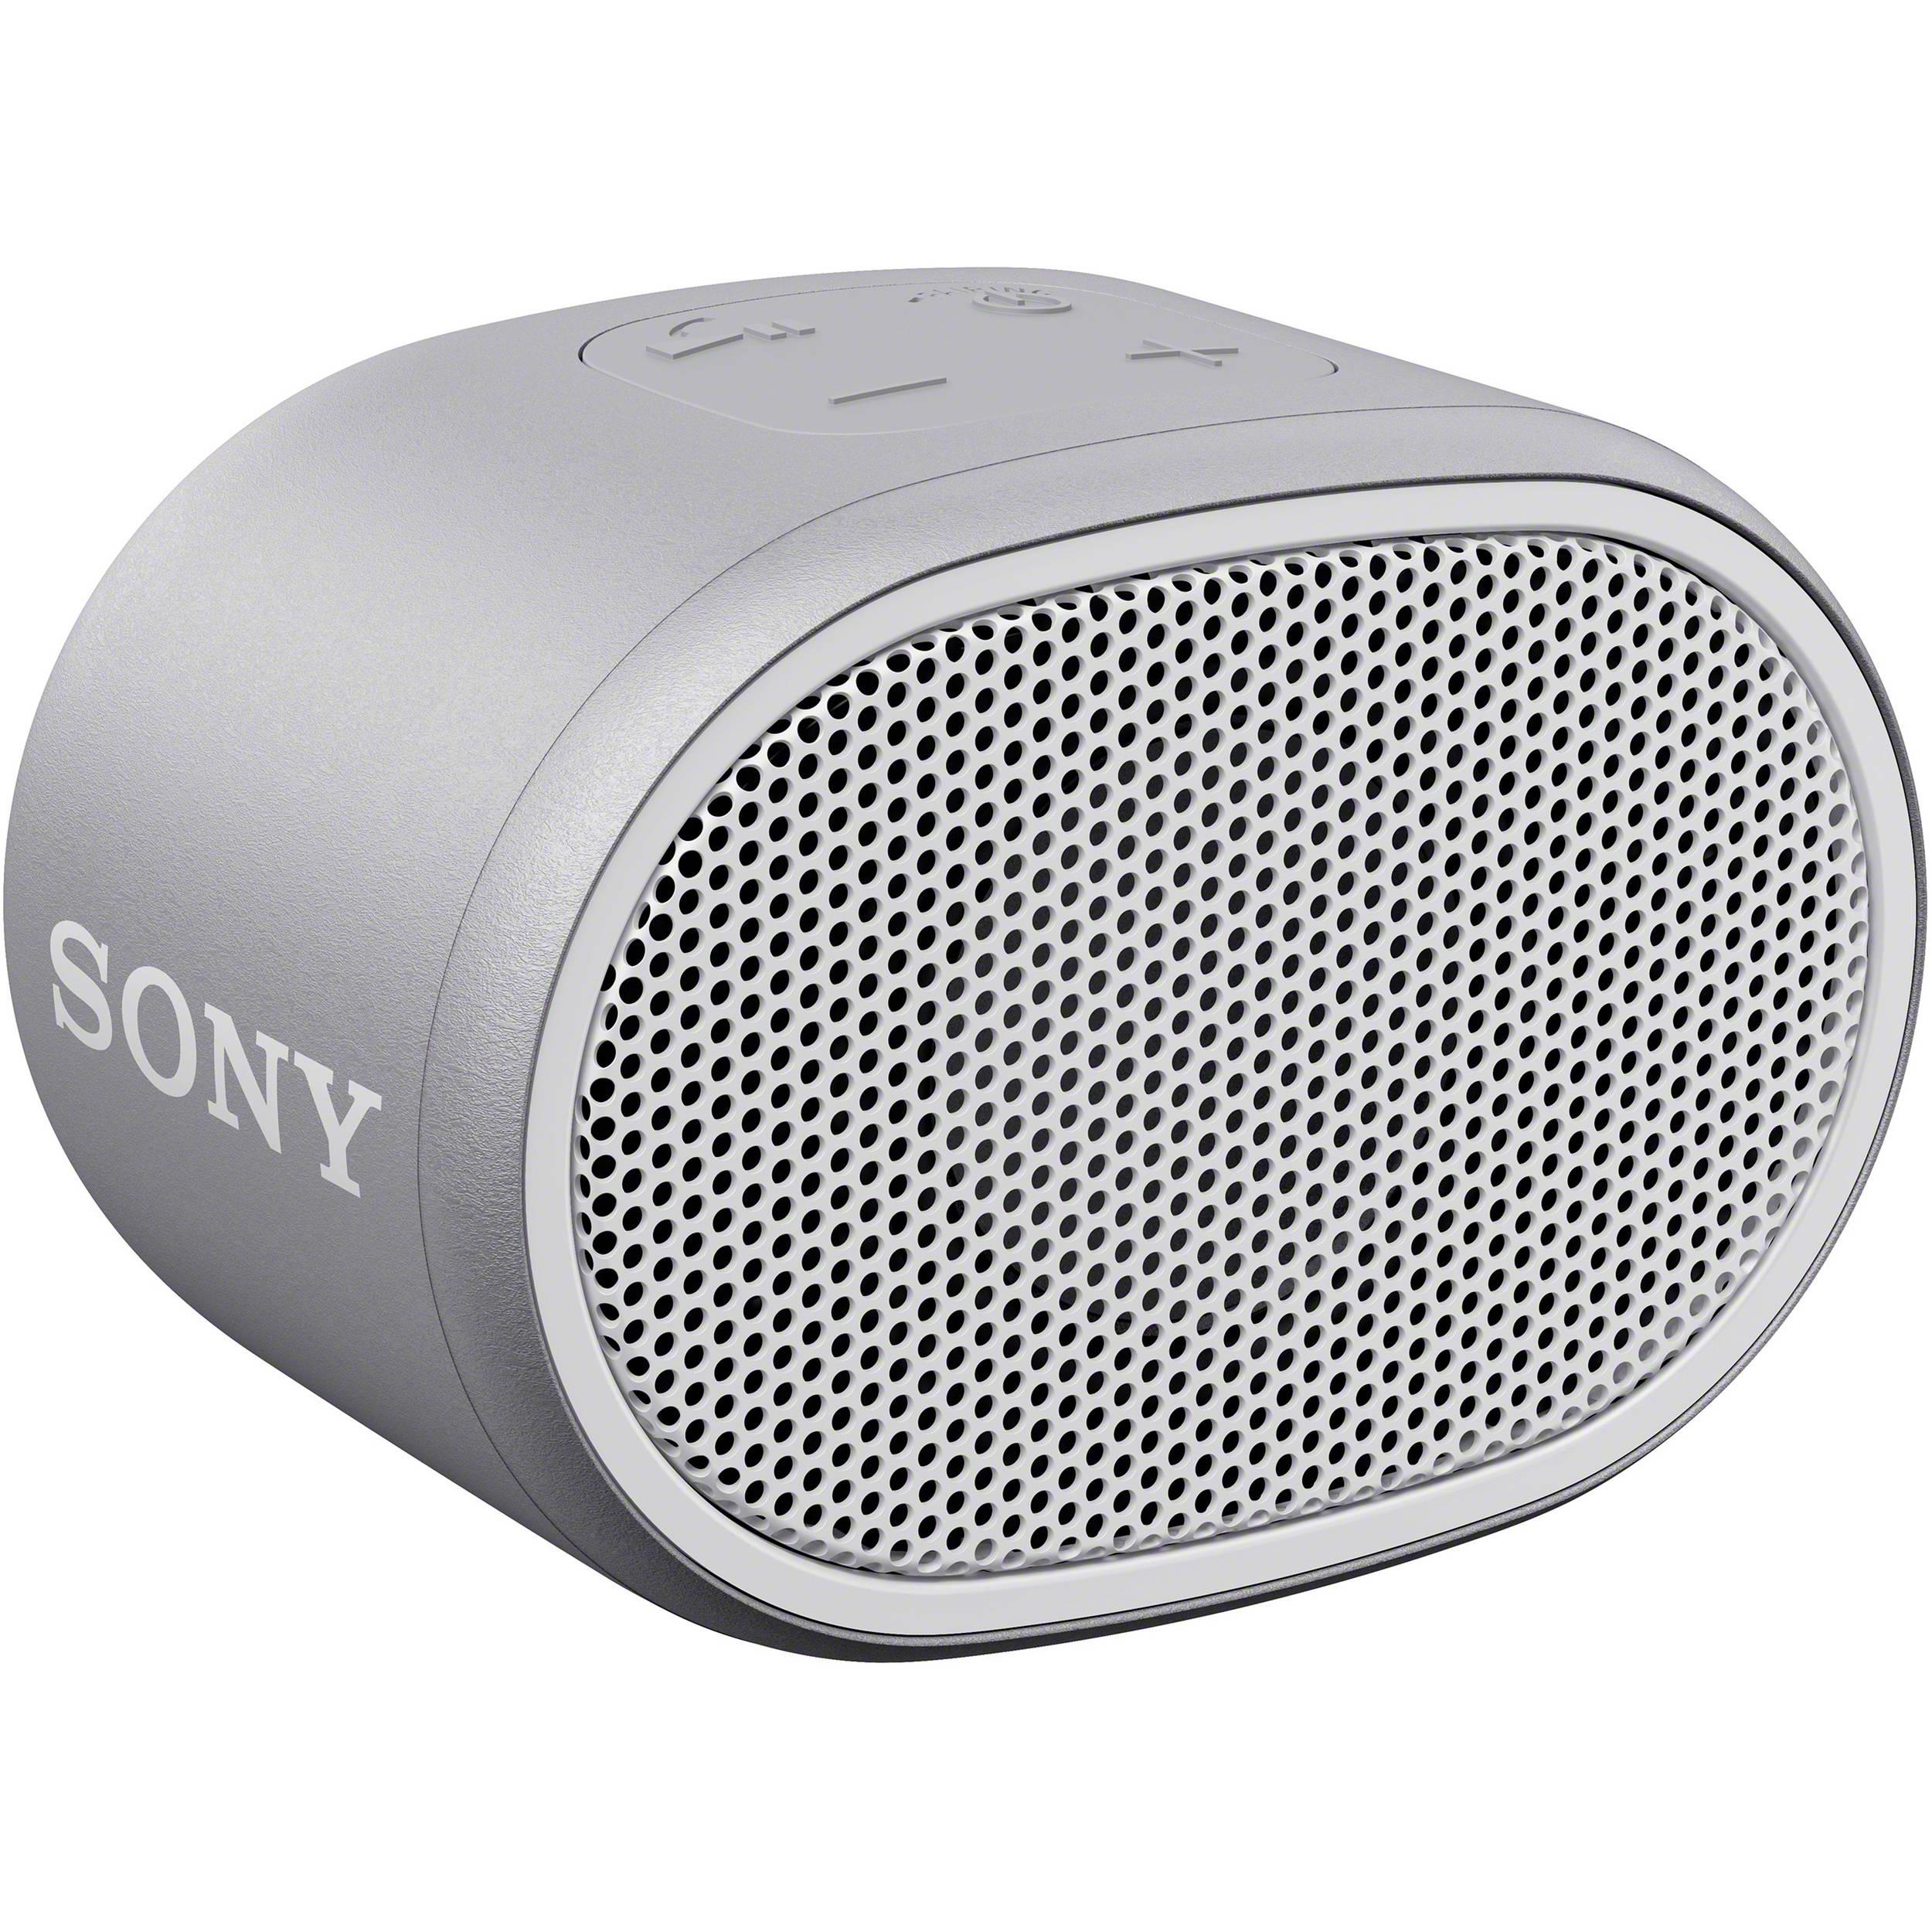 Sony XB01 White